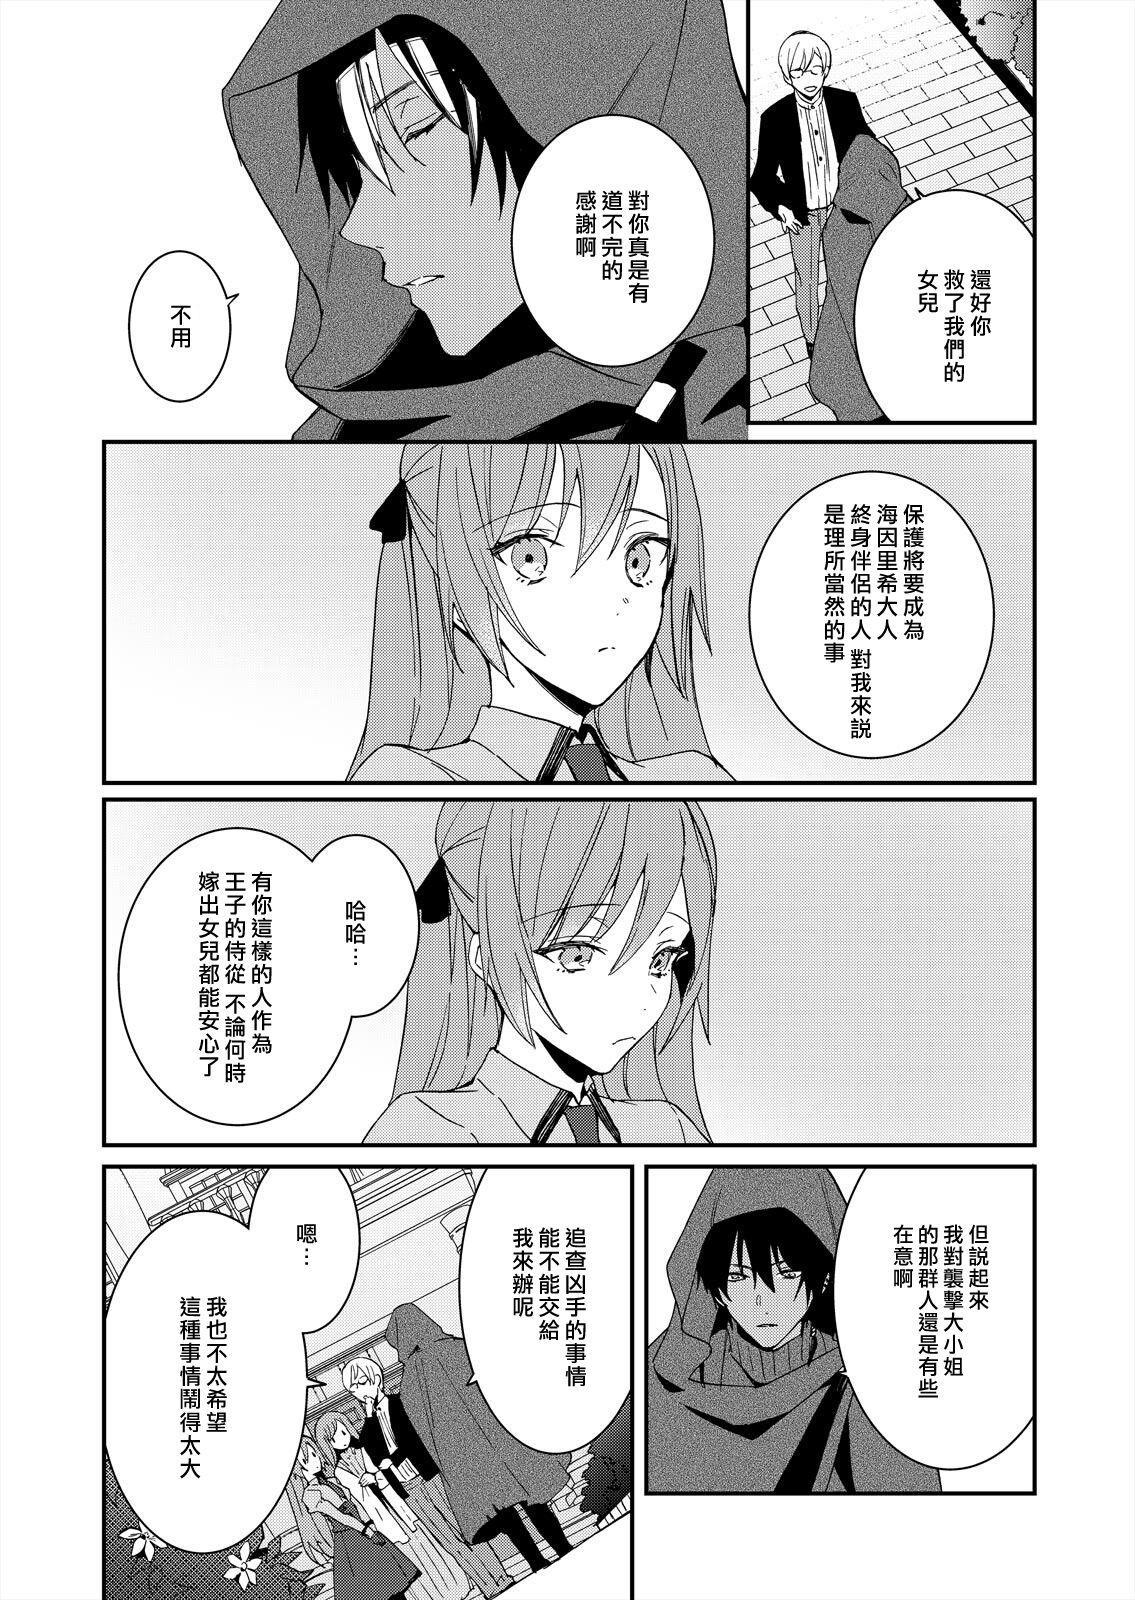 [Yuzushiwo] Akuyaku Reijou wa Ichizu ni Dekiai sarete ~Noumitsu Sex no Aite wa Juuboku~ | 被疯狂溺爱的反派大小姐~浓密性爱对象是仆从~ 1-5 [Chinese] [莉赛特汉化组] 107